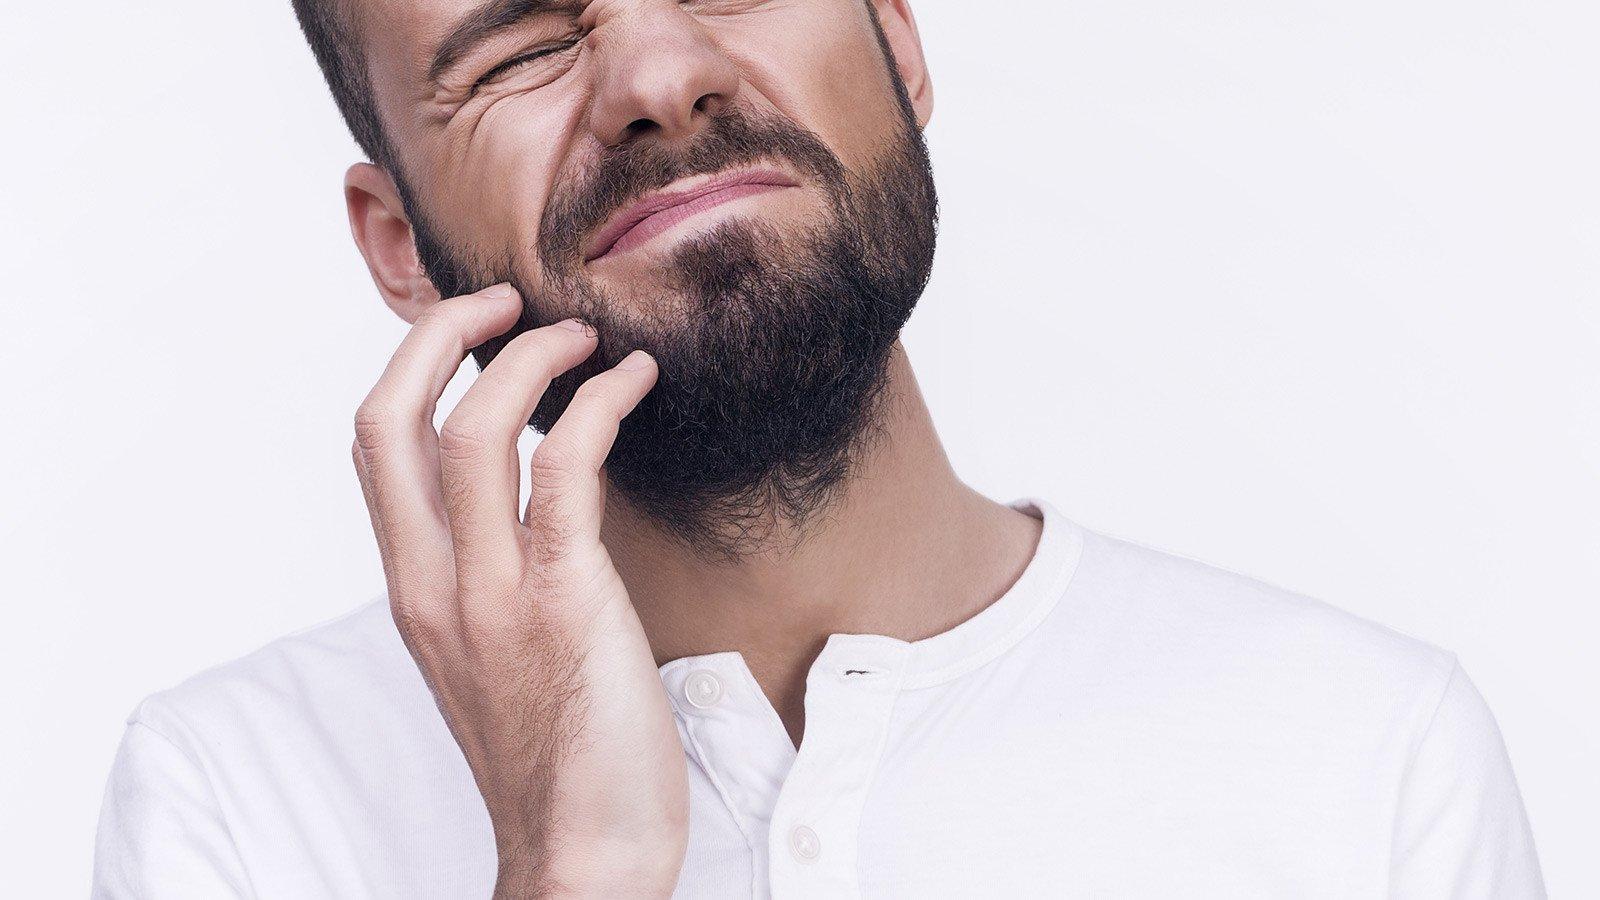 Борода чешется